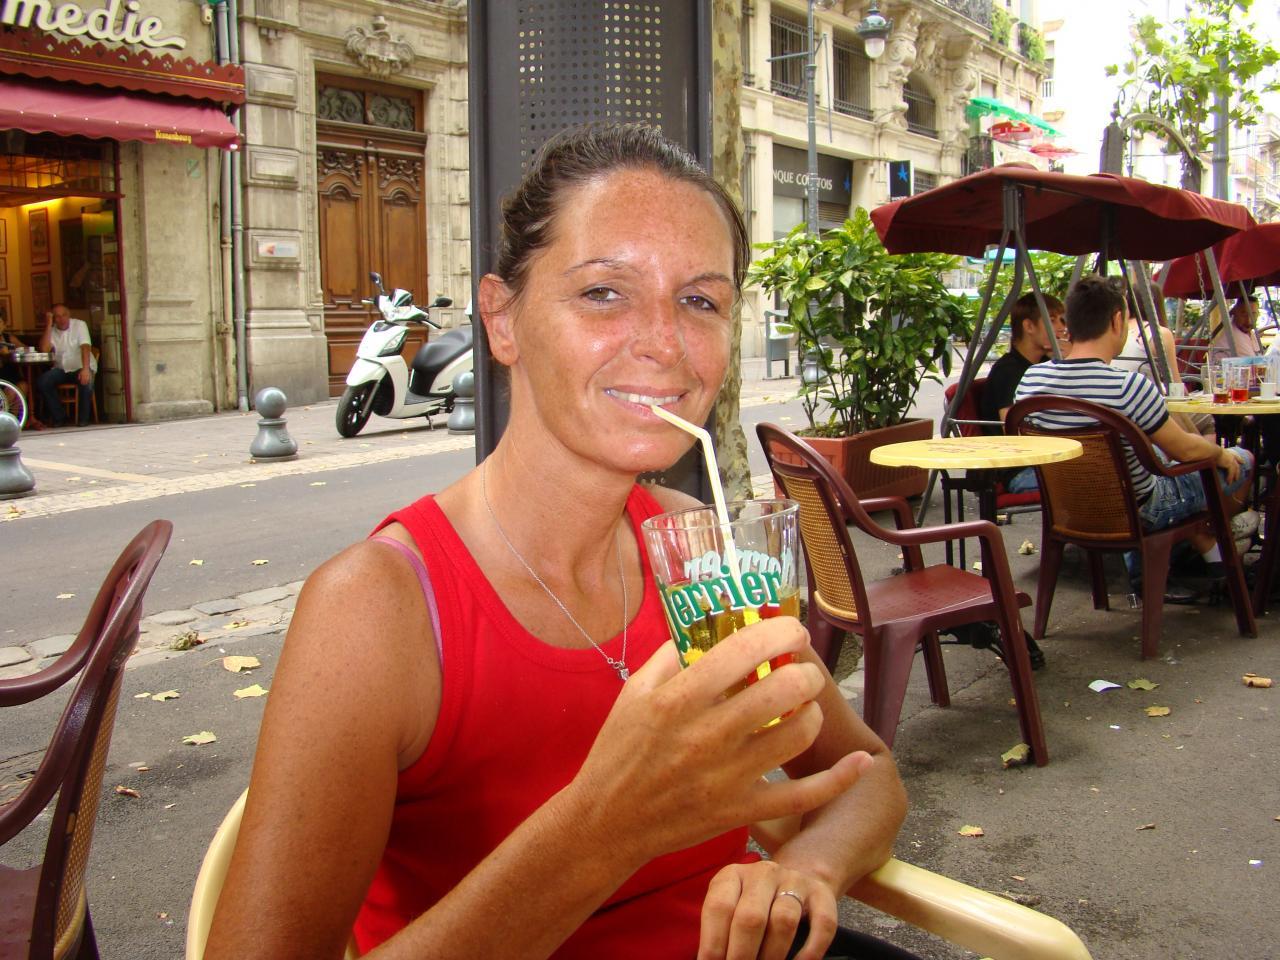 Hommes Pour Plan Cul Gay Gratuit à Toulon